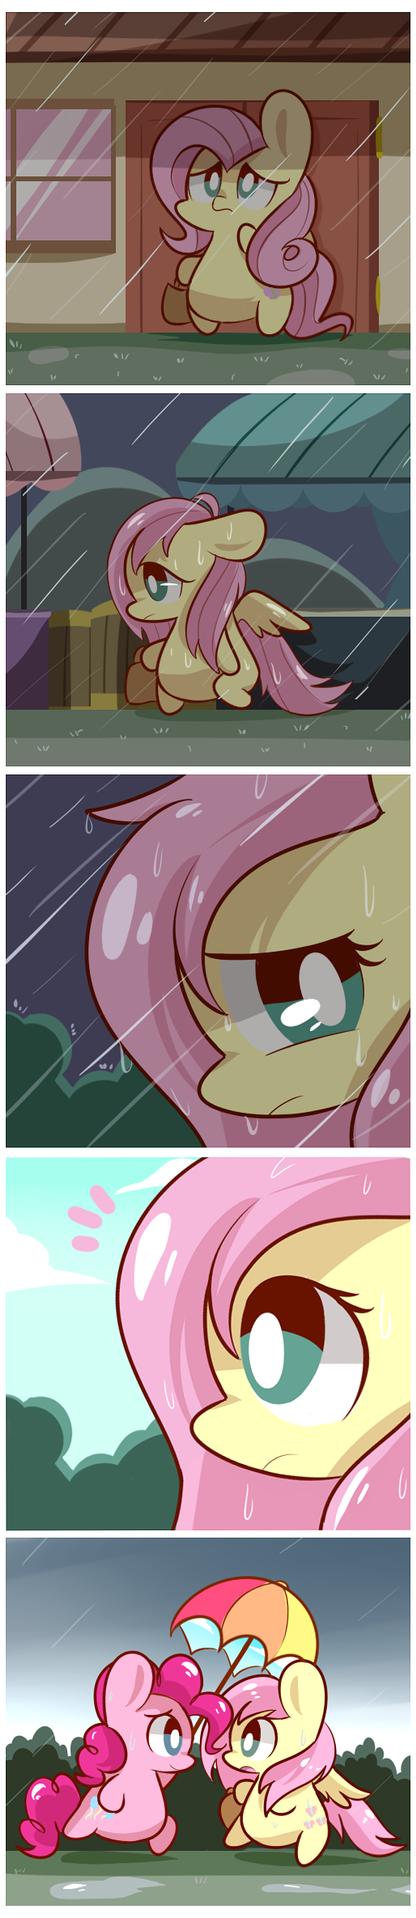 Rainy Day by MACKINN7